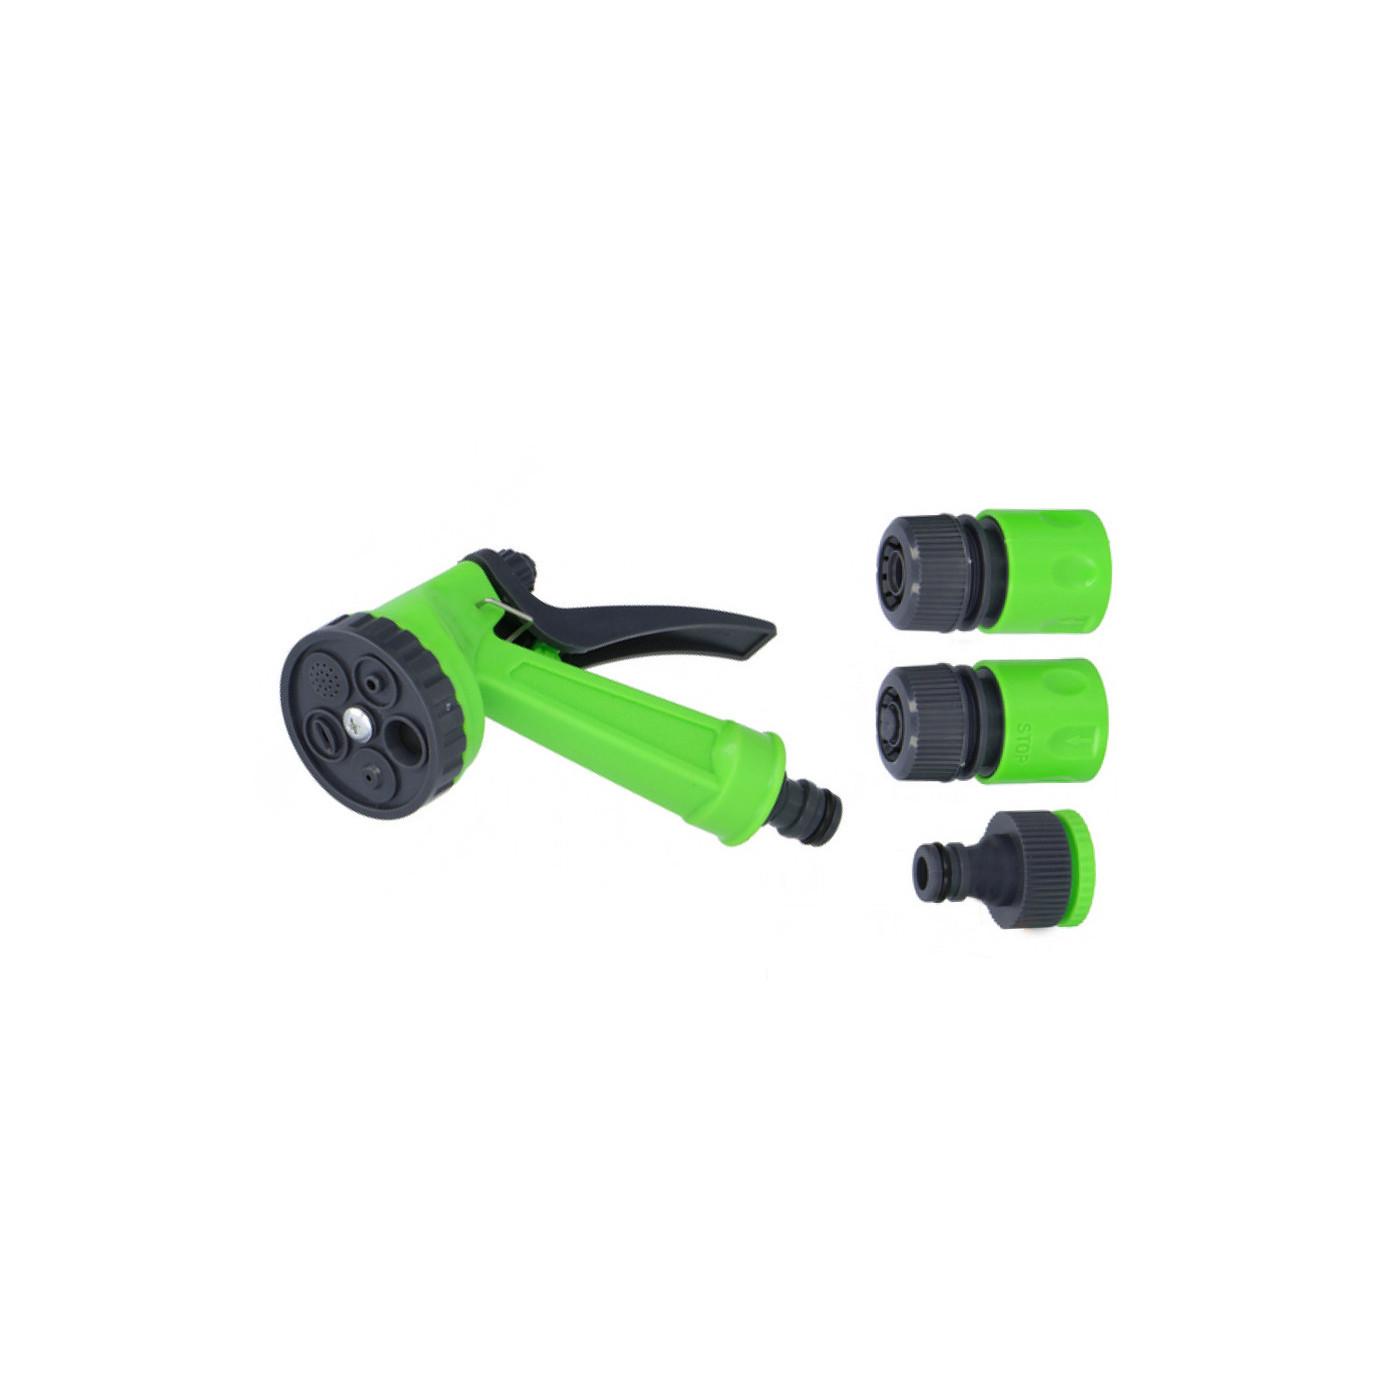 Tête de pulvérisation avec connecteurs pour tuyau d'arrosage (4